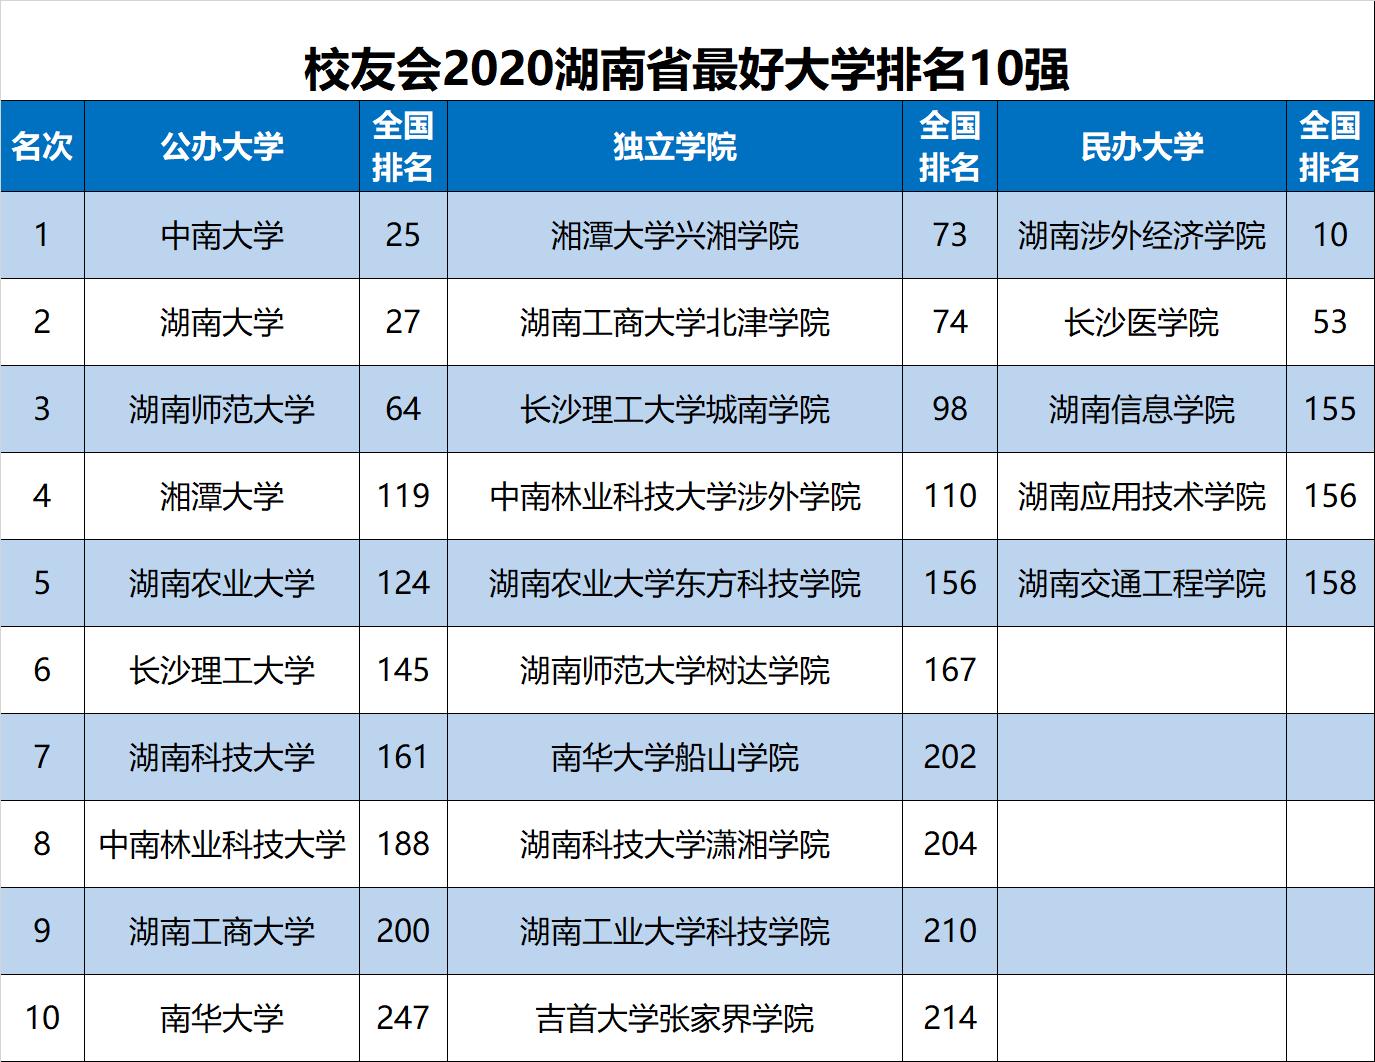 2020湖南省大学排名发布,中南大学跌出全国前20强,湖大挺进前30强